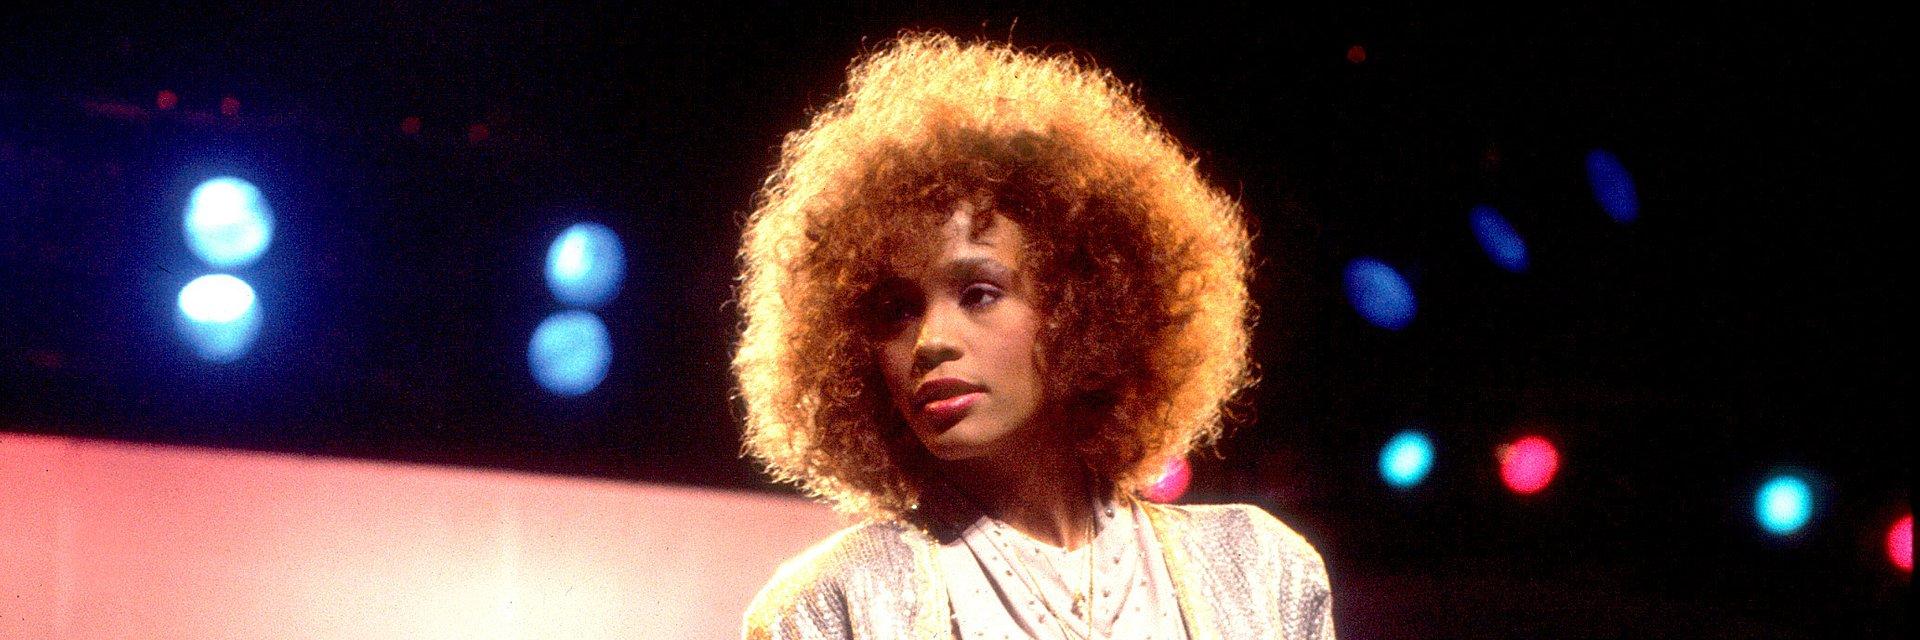 Trzy diamentowe albumy RIAA dla Whitney Houston!